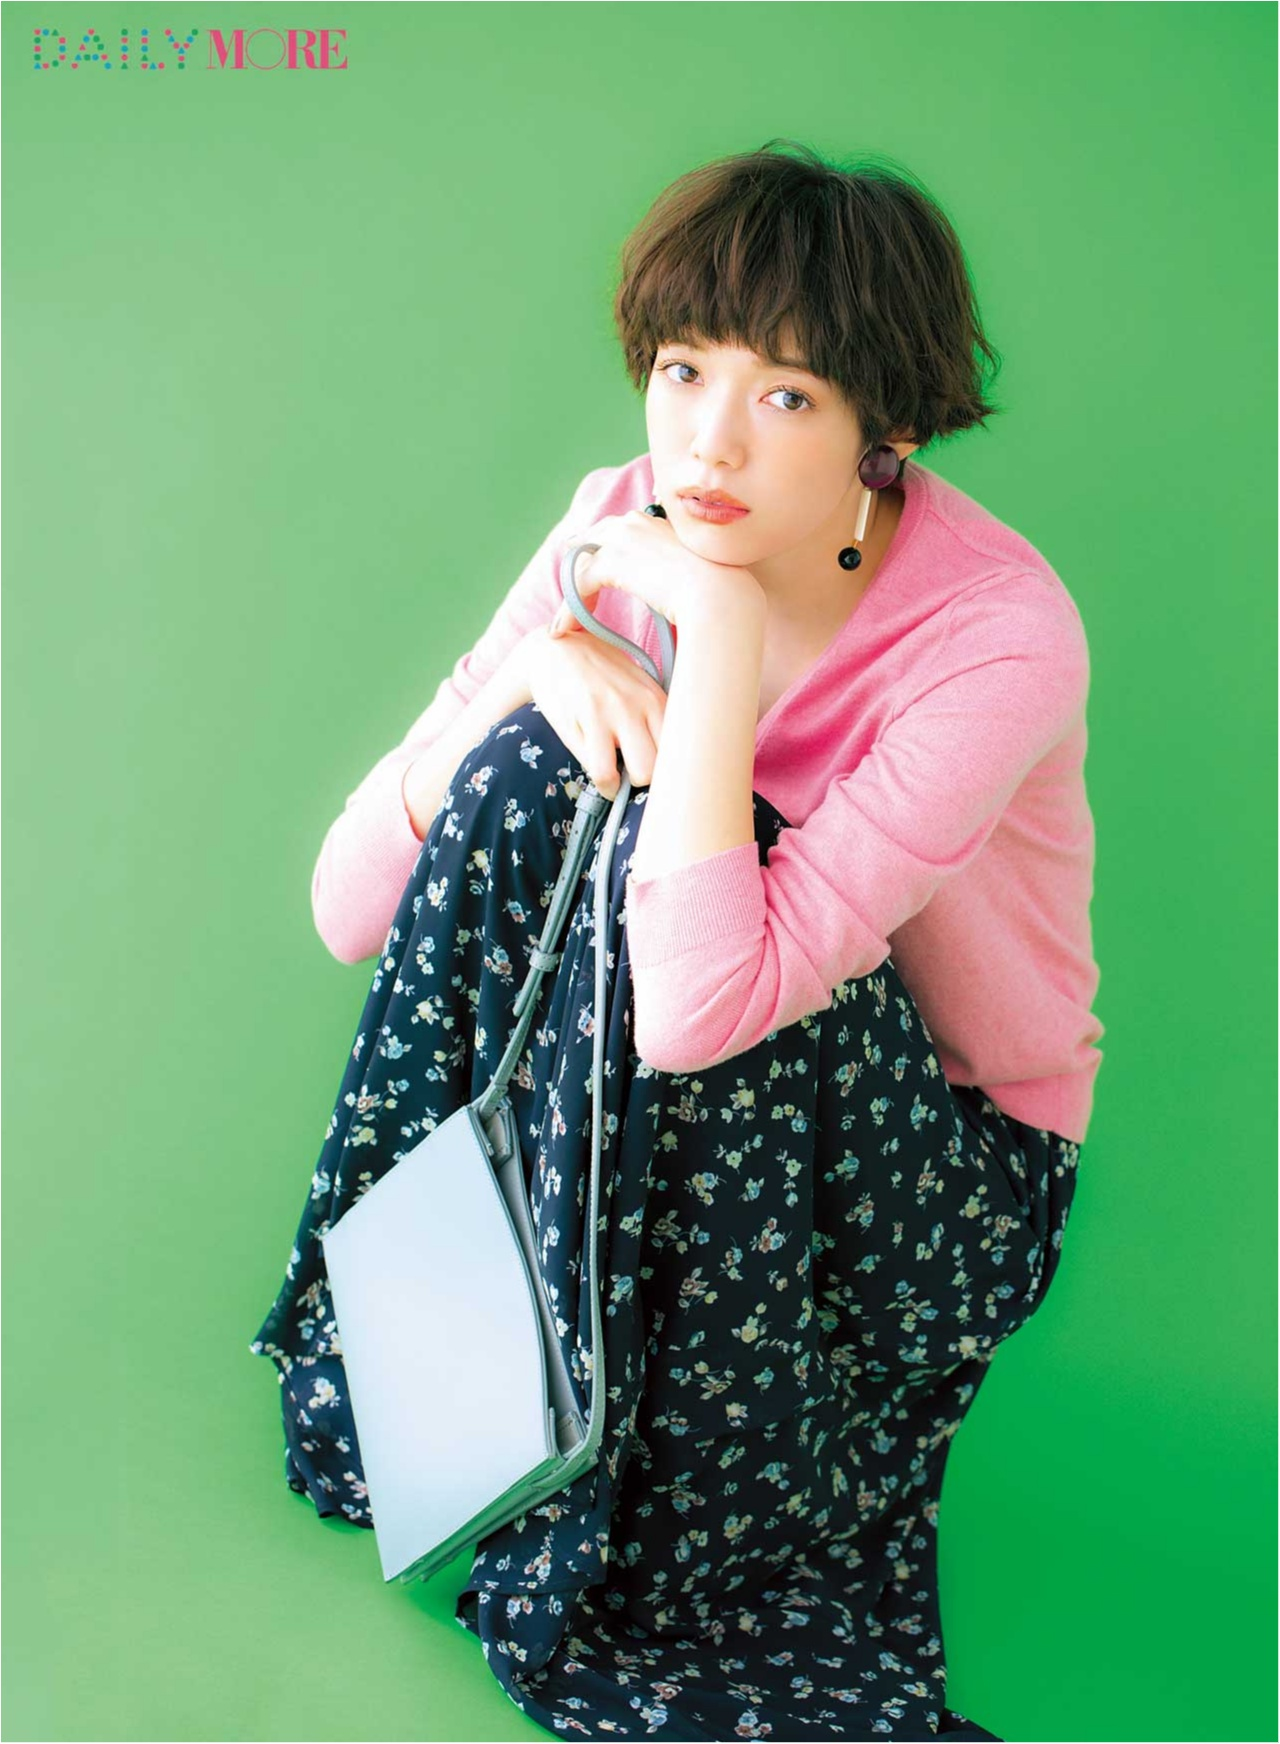 【2017年春のおすすめ『ユニクロ』コーデ4】 ピンク色のニットに花柄スカートをあわせて、大人のロマンチックが堪能できるコーデ